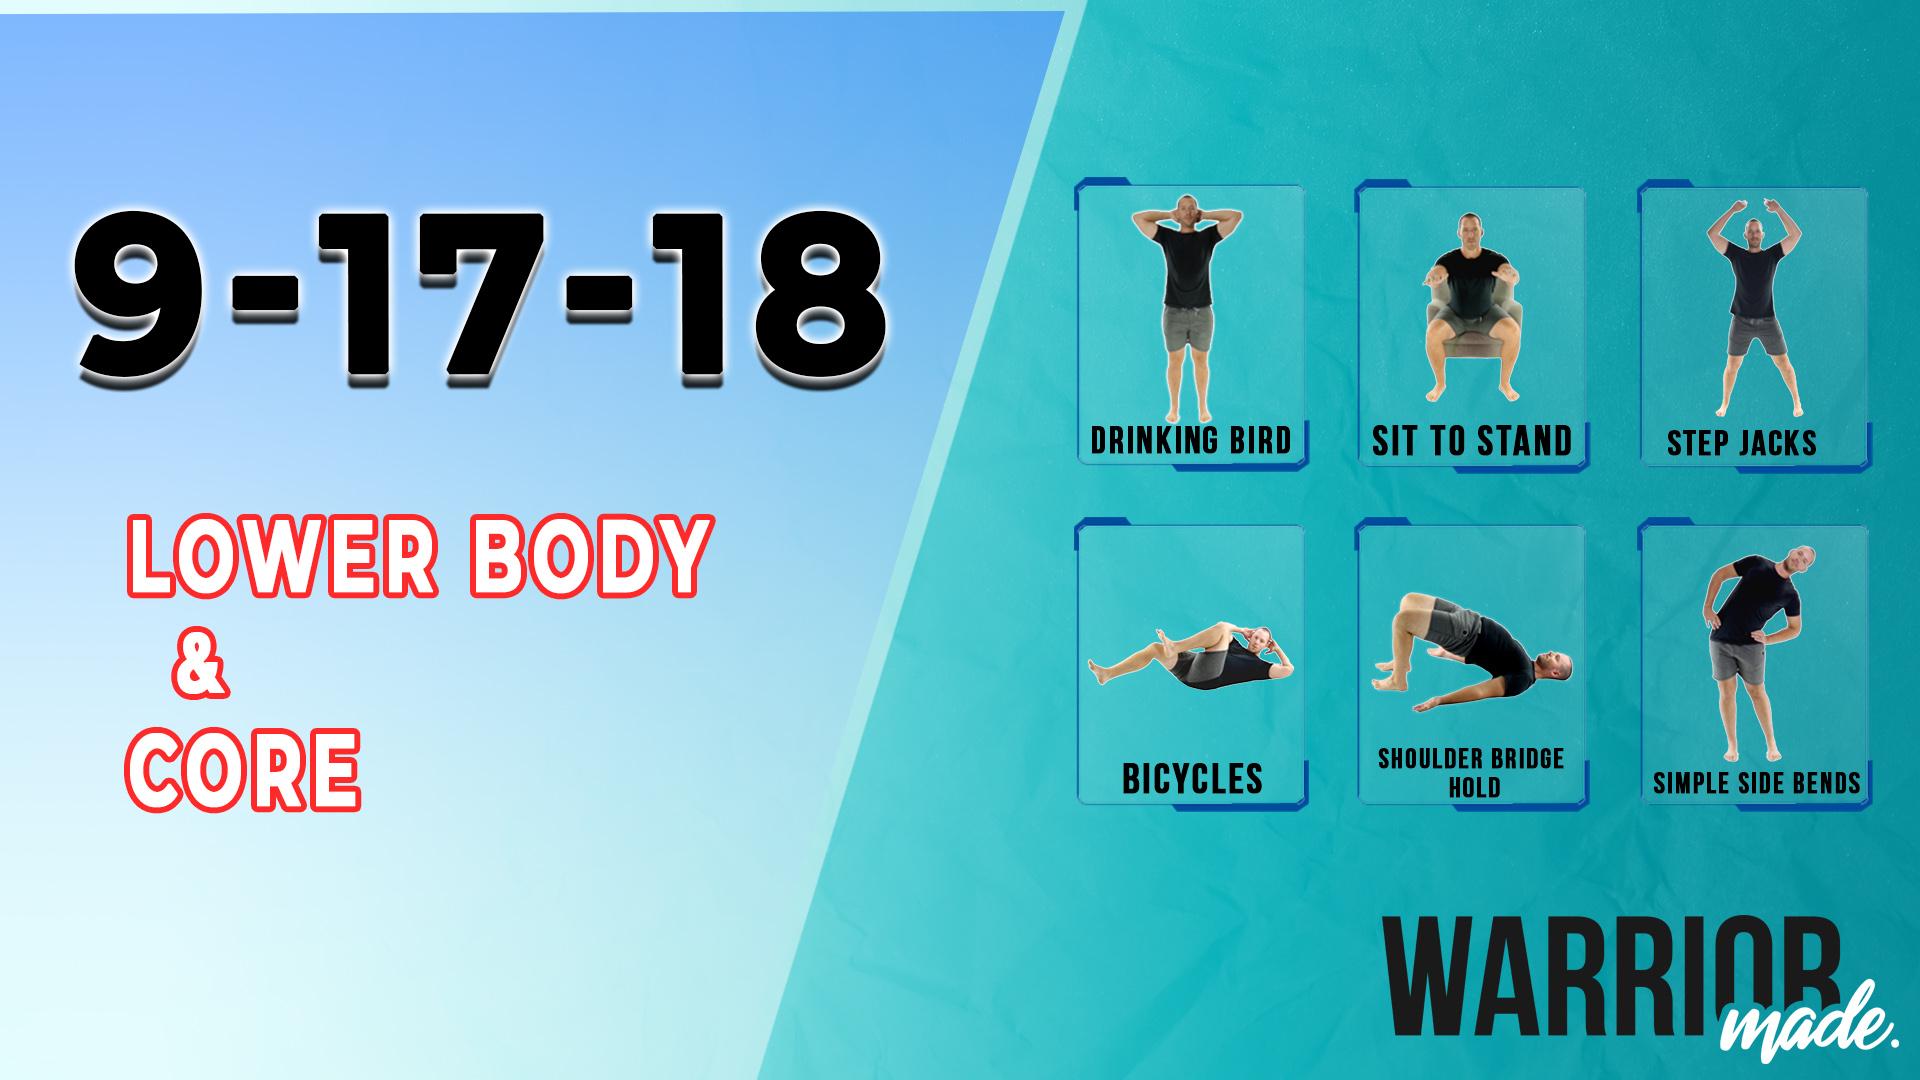 workouts-09-17-18